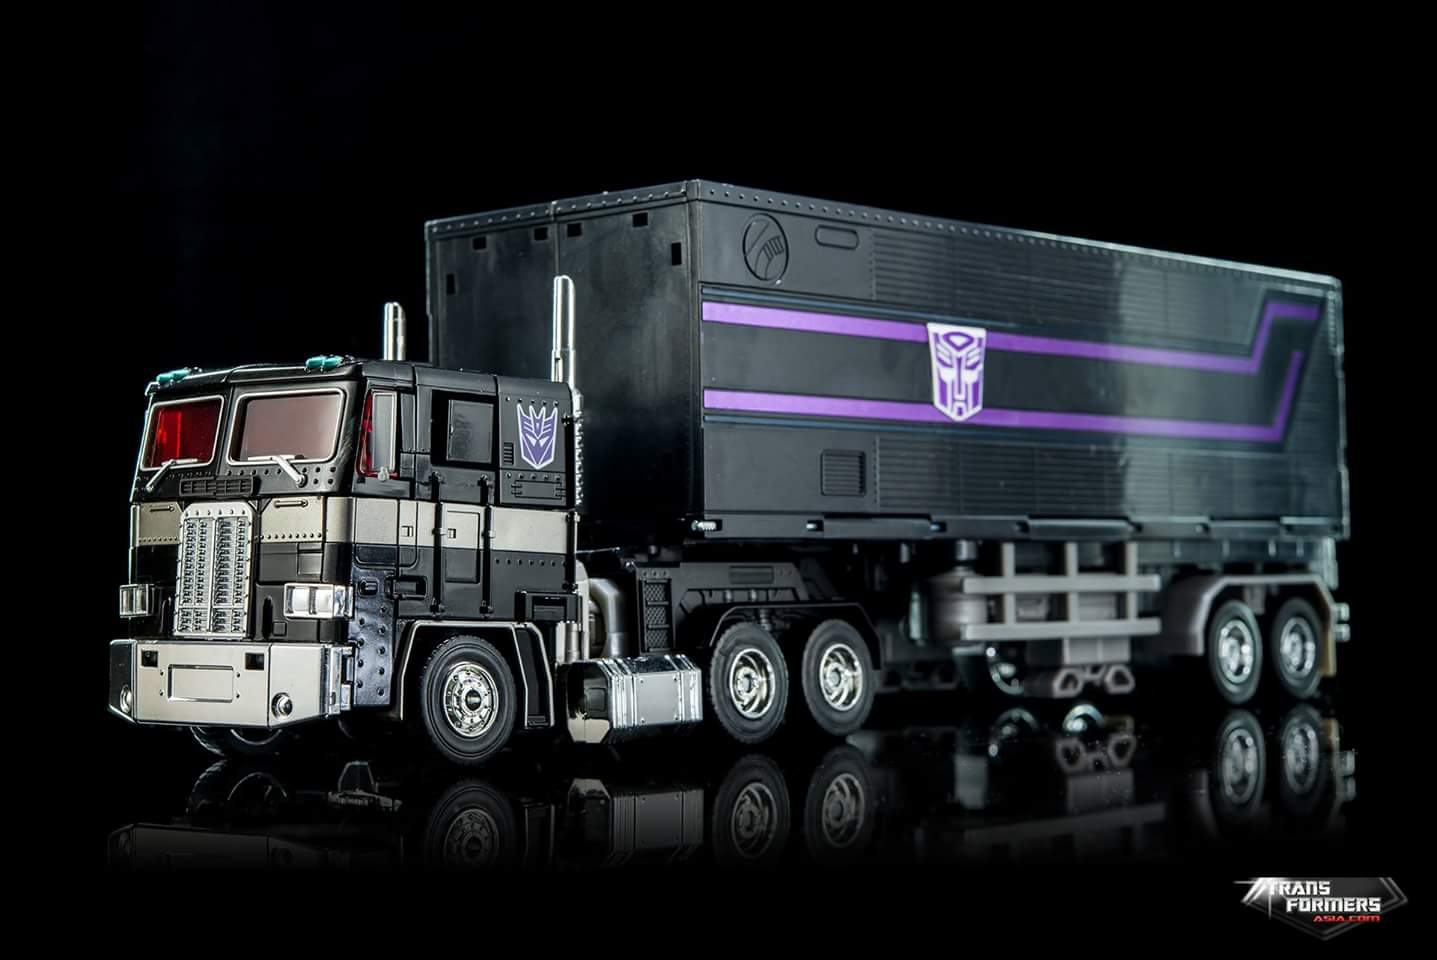 [Masterpiece] MP-10B | MP-10A | MP-10R | MP-10SG | MP-10K | MP-711 | MP-10G | MP-10 ASL ― Convoy (Optimus Prime/Optimus Primus) - Page 4 XufsLLXB